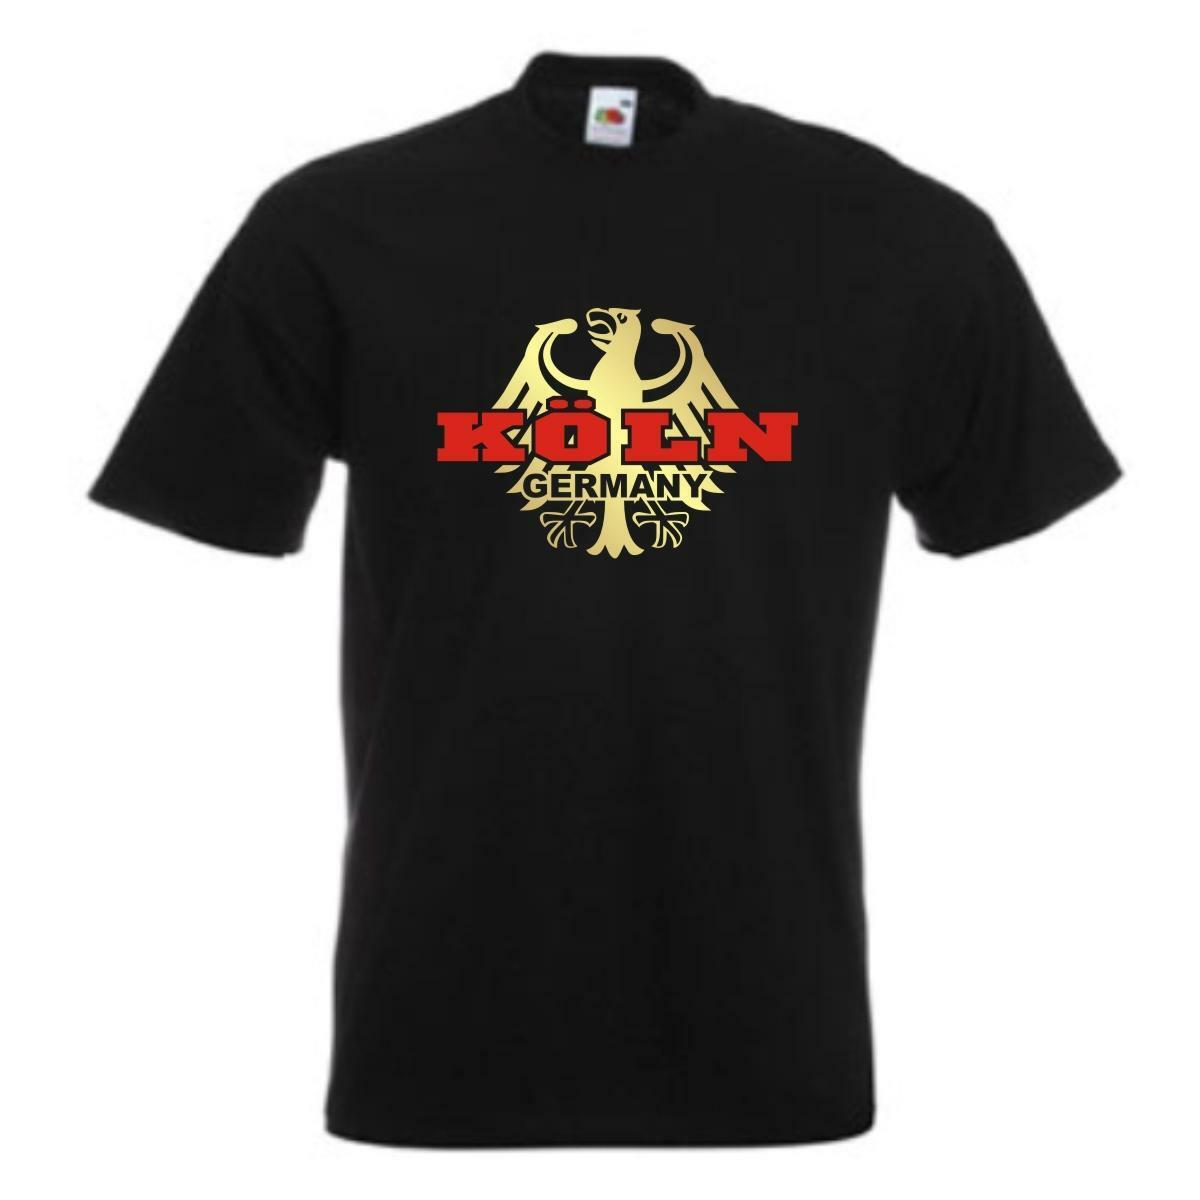 T-Shirt Köln GERMANY Städteshirt Bundesadler Fan T Shirt S-12XL (SFU06-43a)     Moderne und elegante Mode    Zarte    Hochwertige Materialien